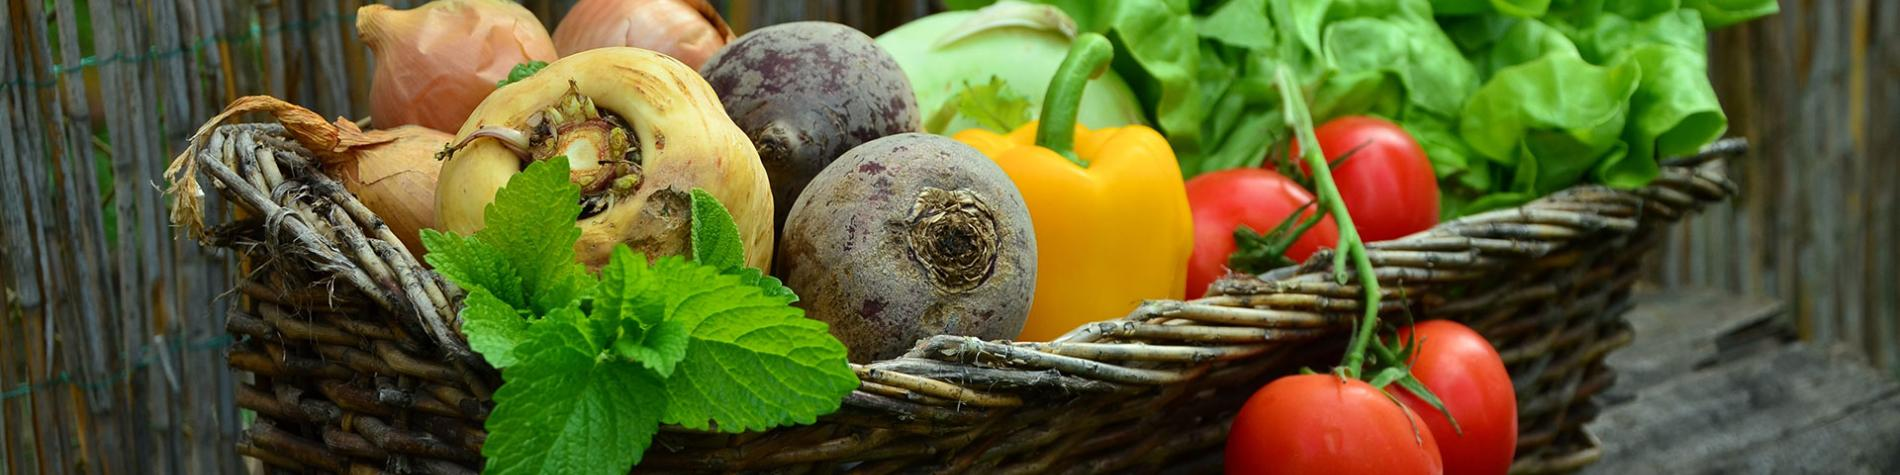 Marché bio - produits du terroir - fruit - légumes